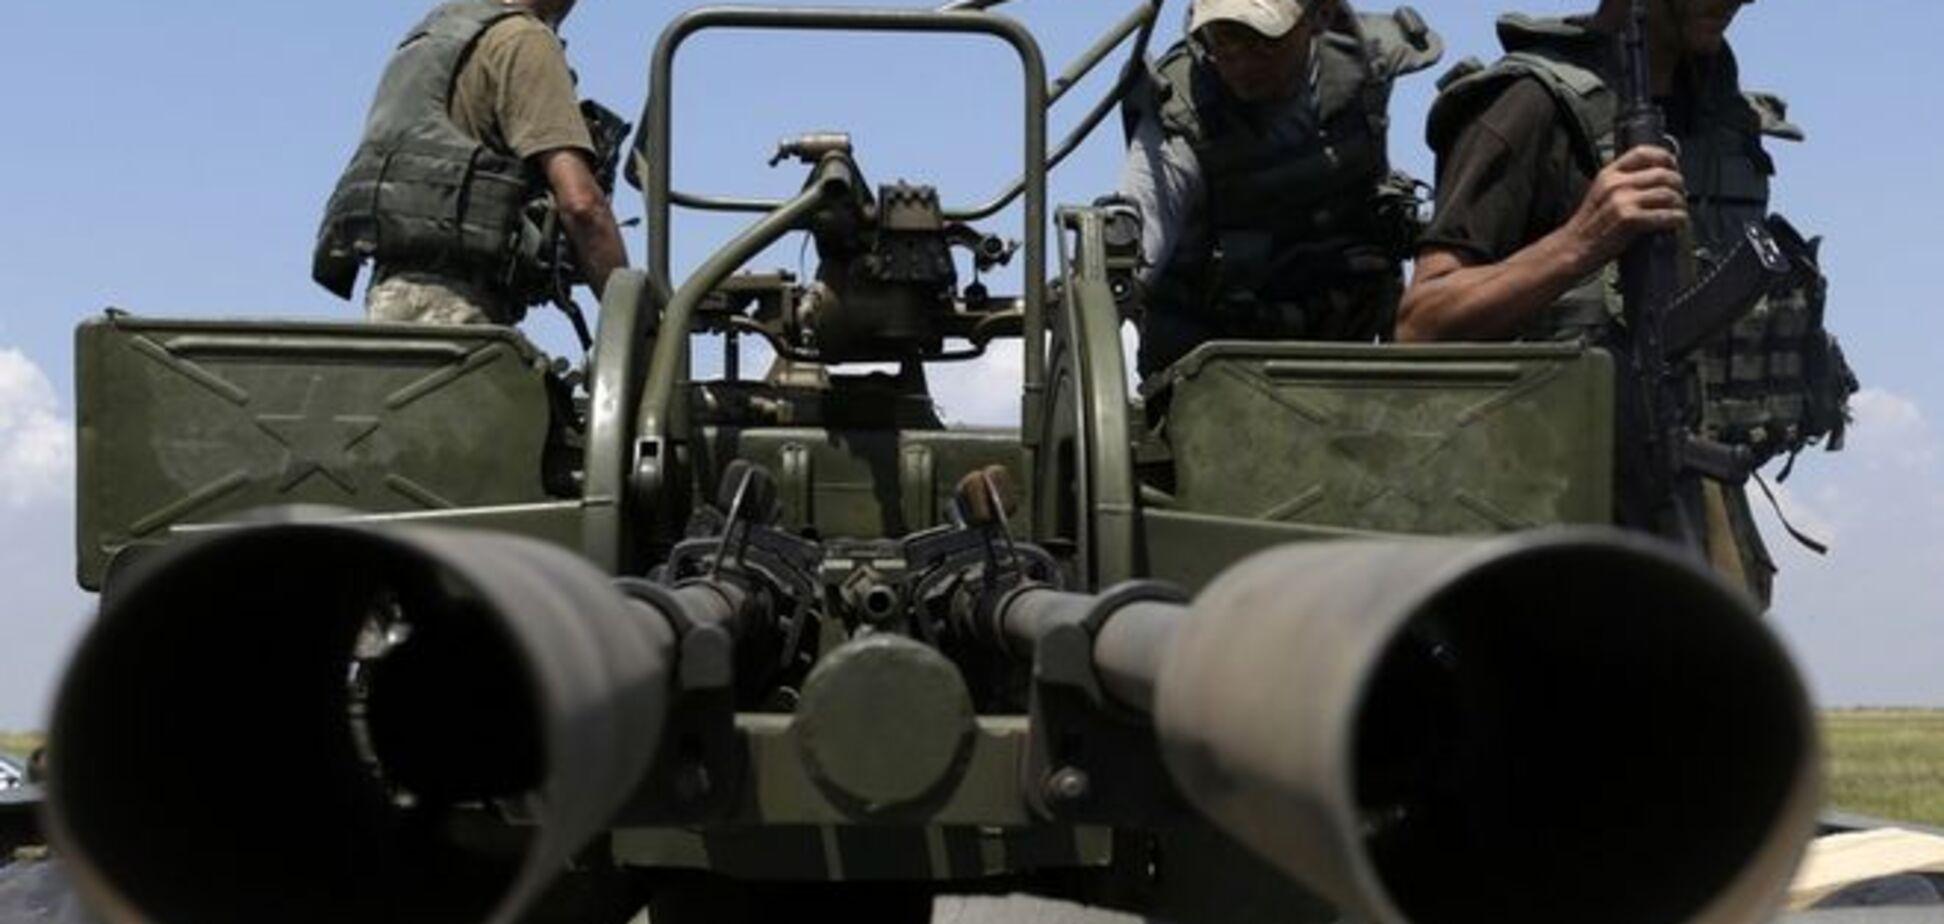 Будем брать: СБУ предупредило 'Правый сектор' об окончании времени на переговоры